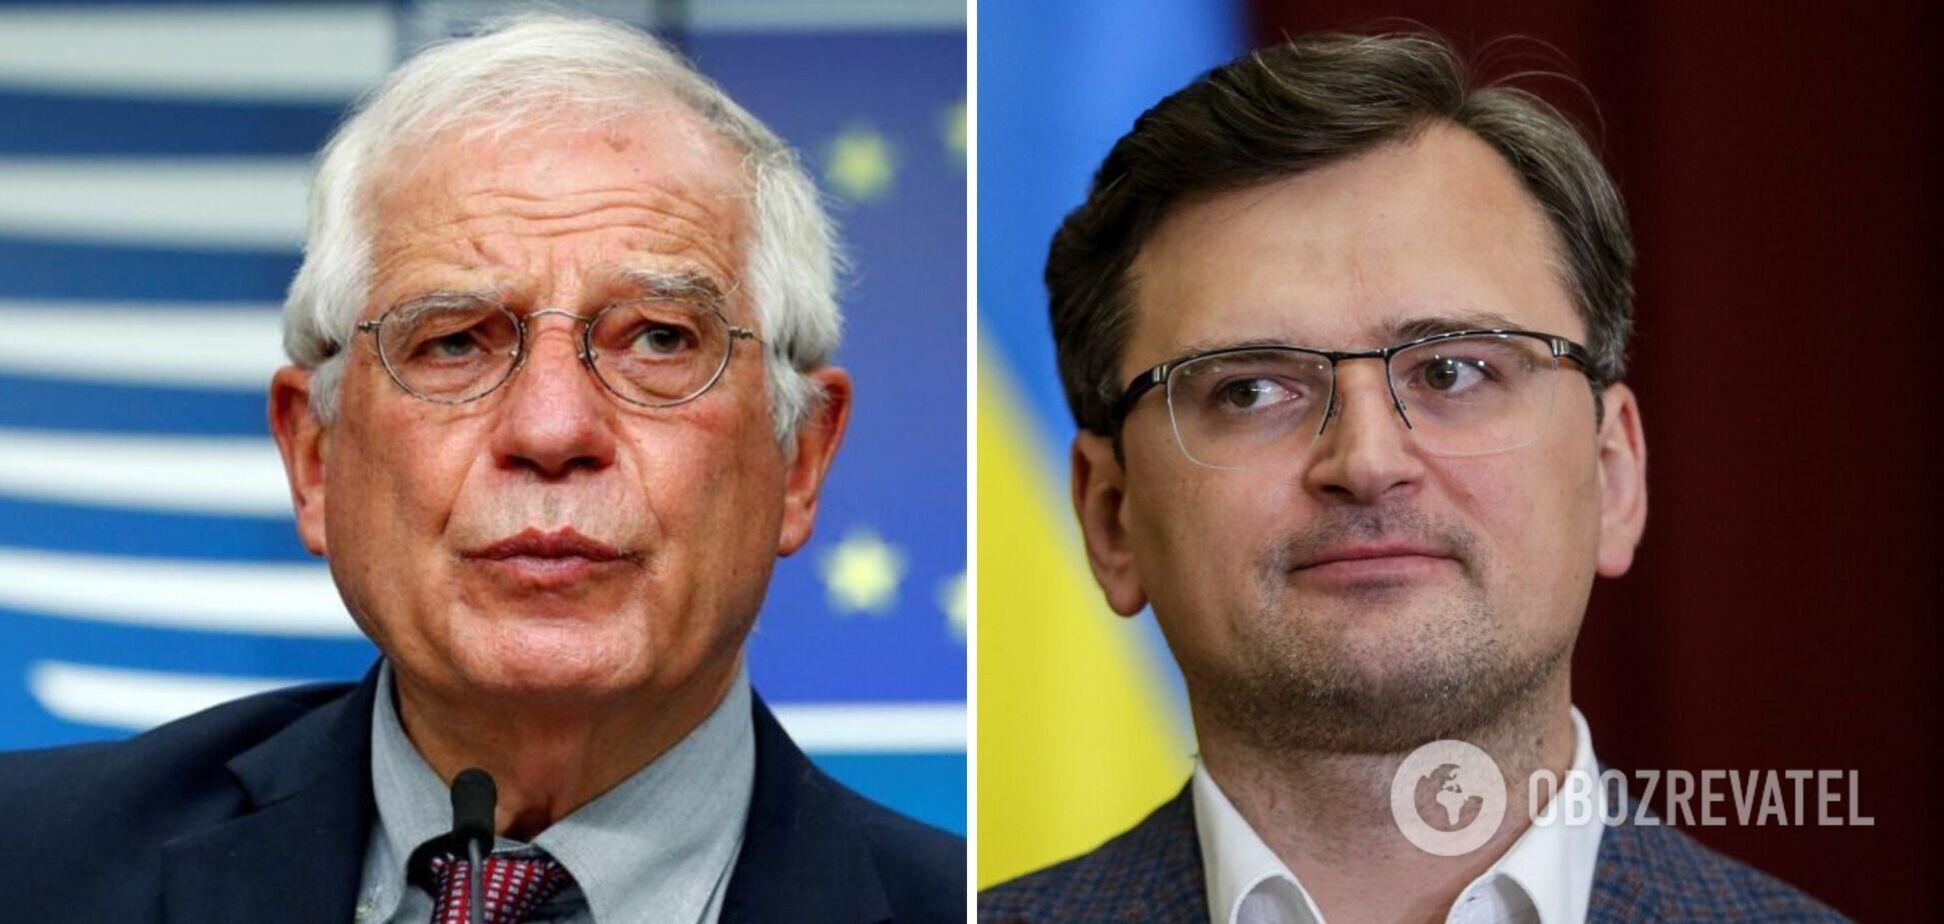 Глави МЗС країн ЄС обговорять військову активність Росії навколо України: запросили Кулебу